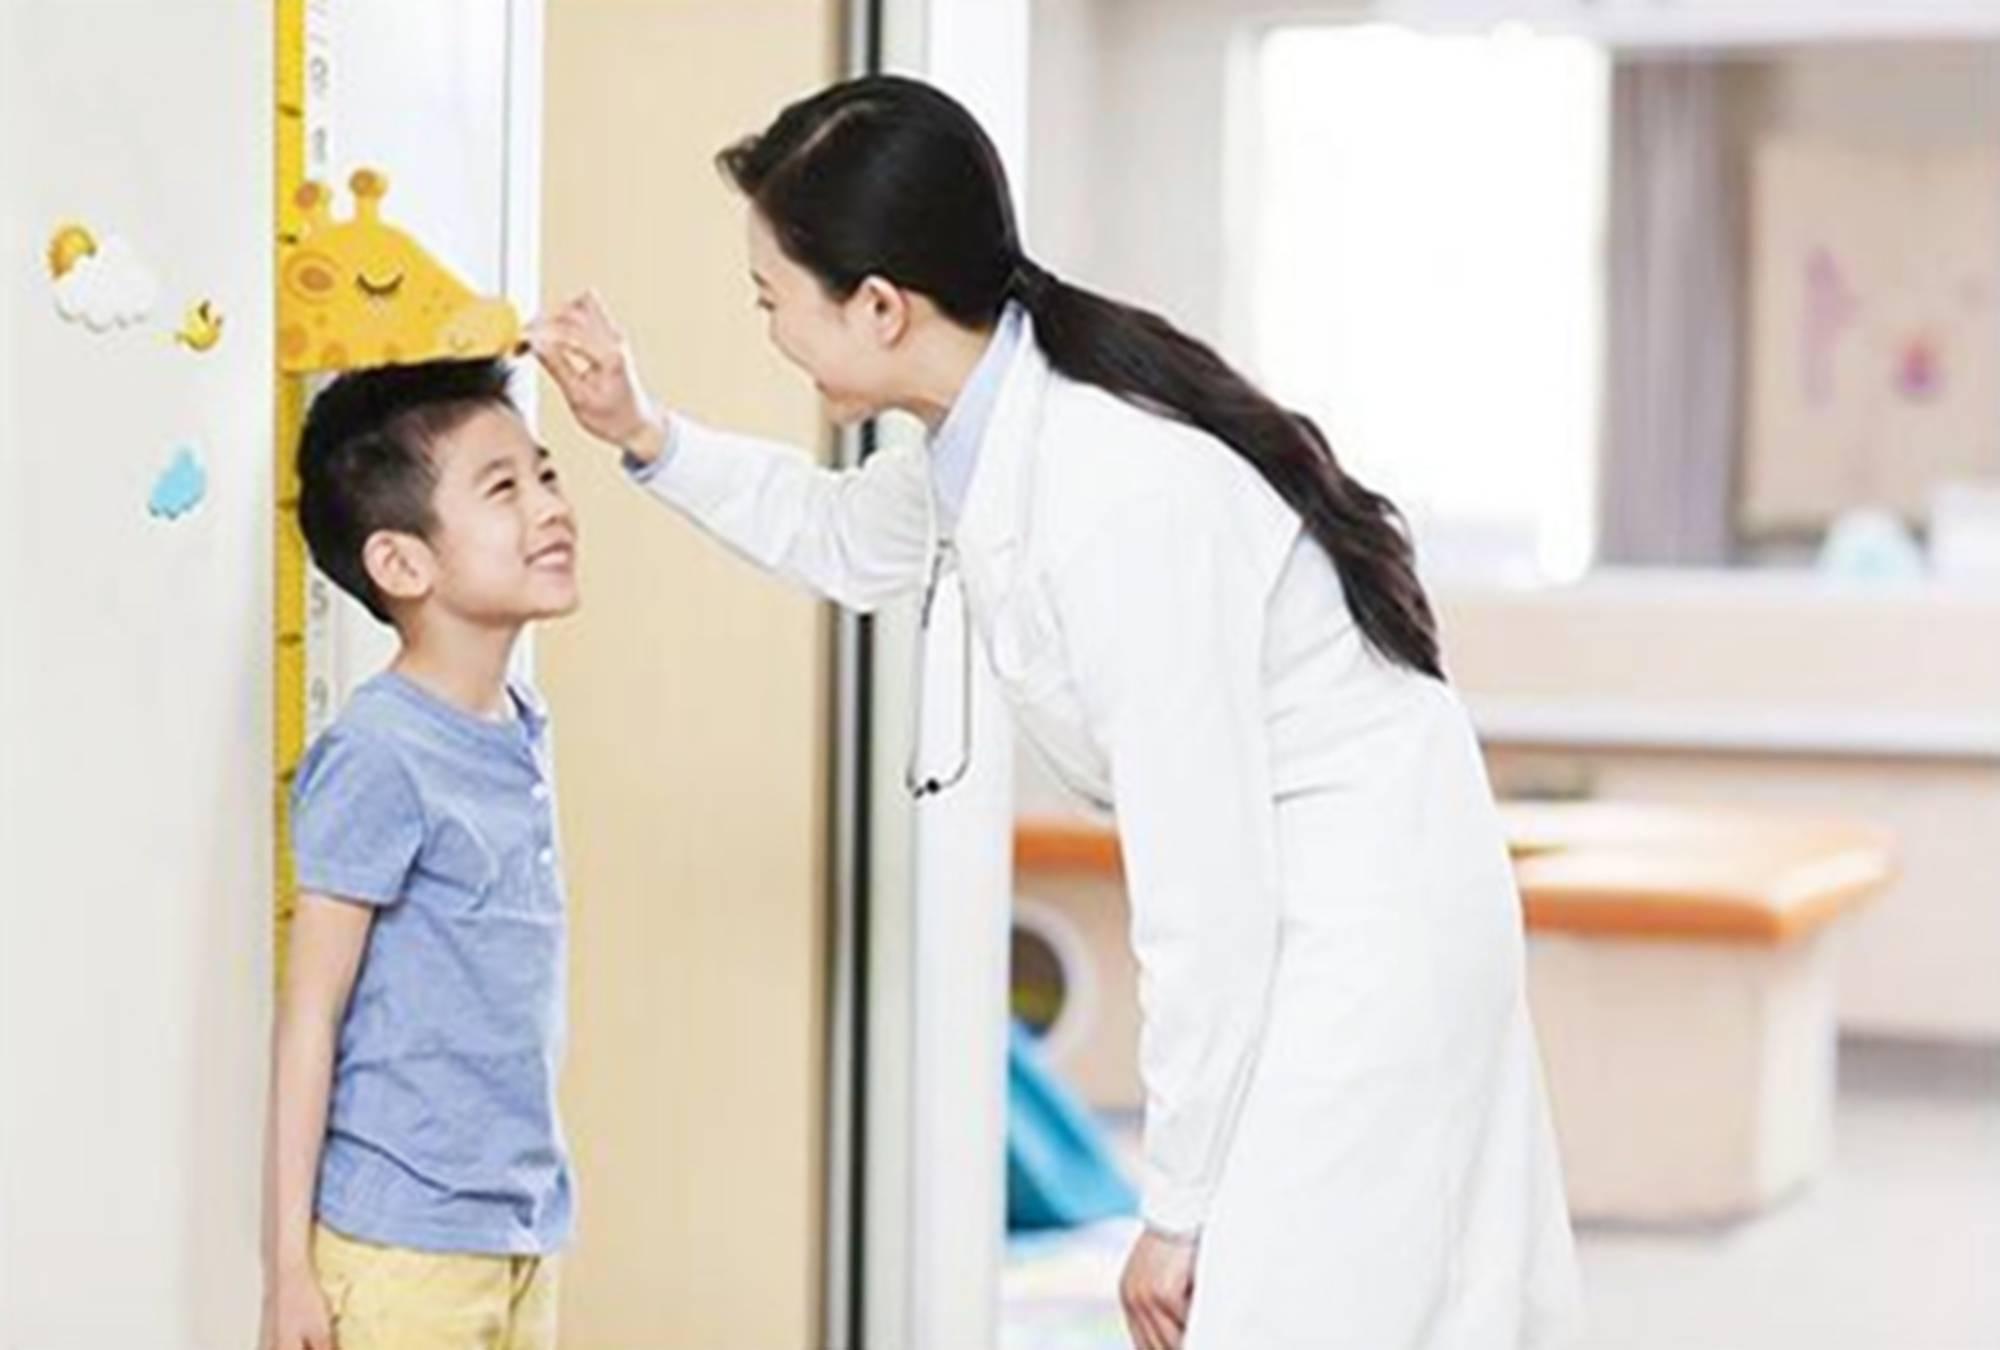 还在给孩子吃钙片长个儿吗?专家告诉你饮食妙招,孩子多长10厘米  第2张